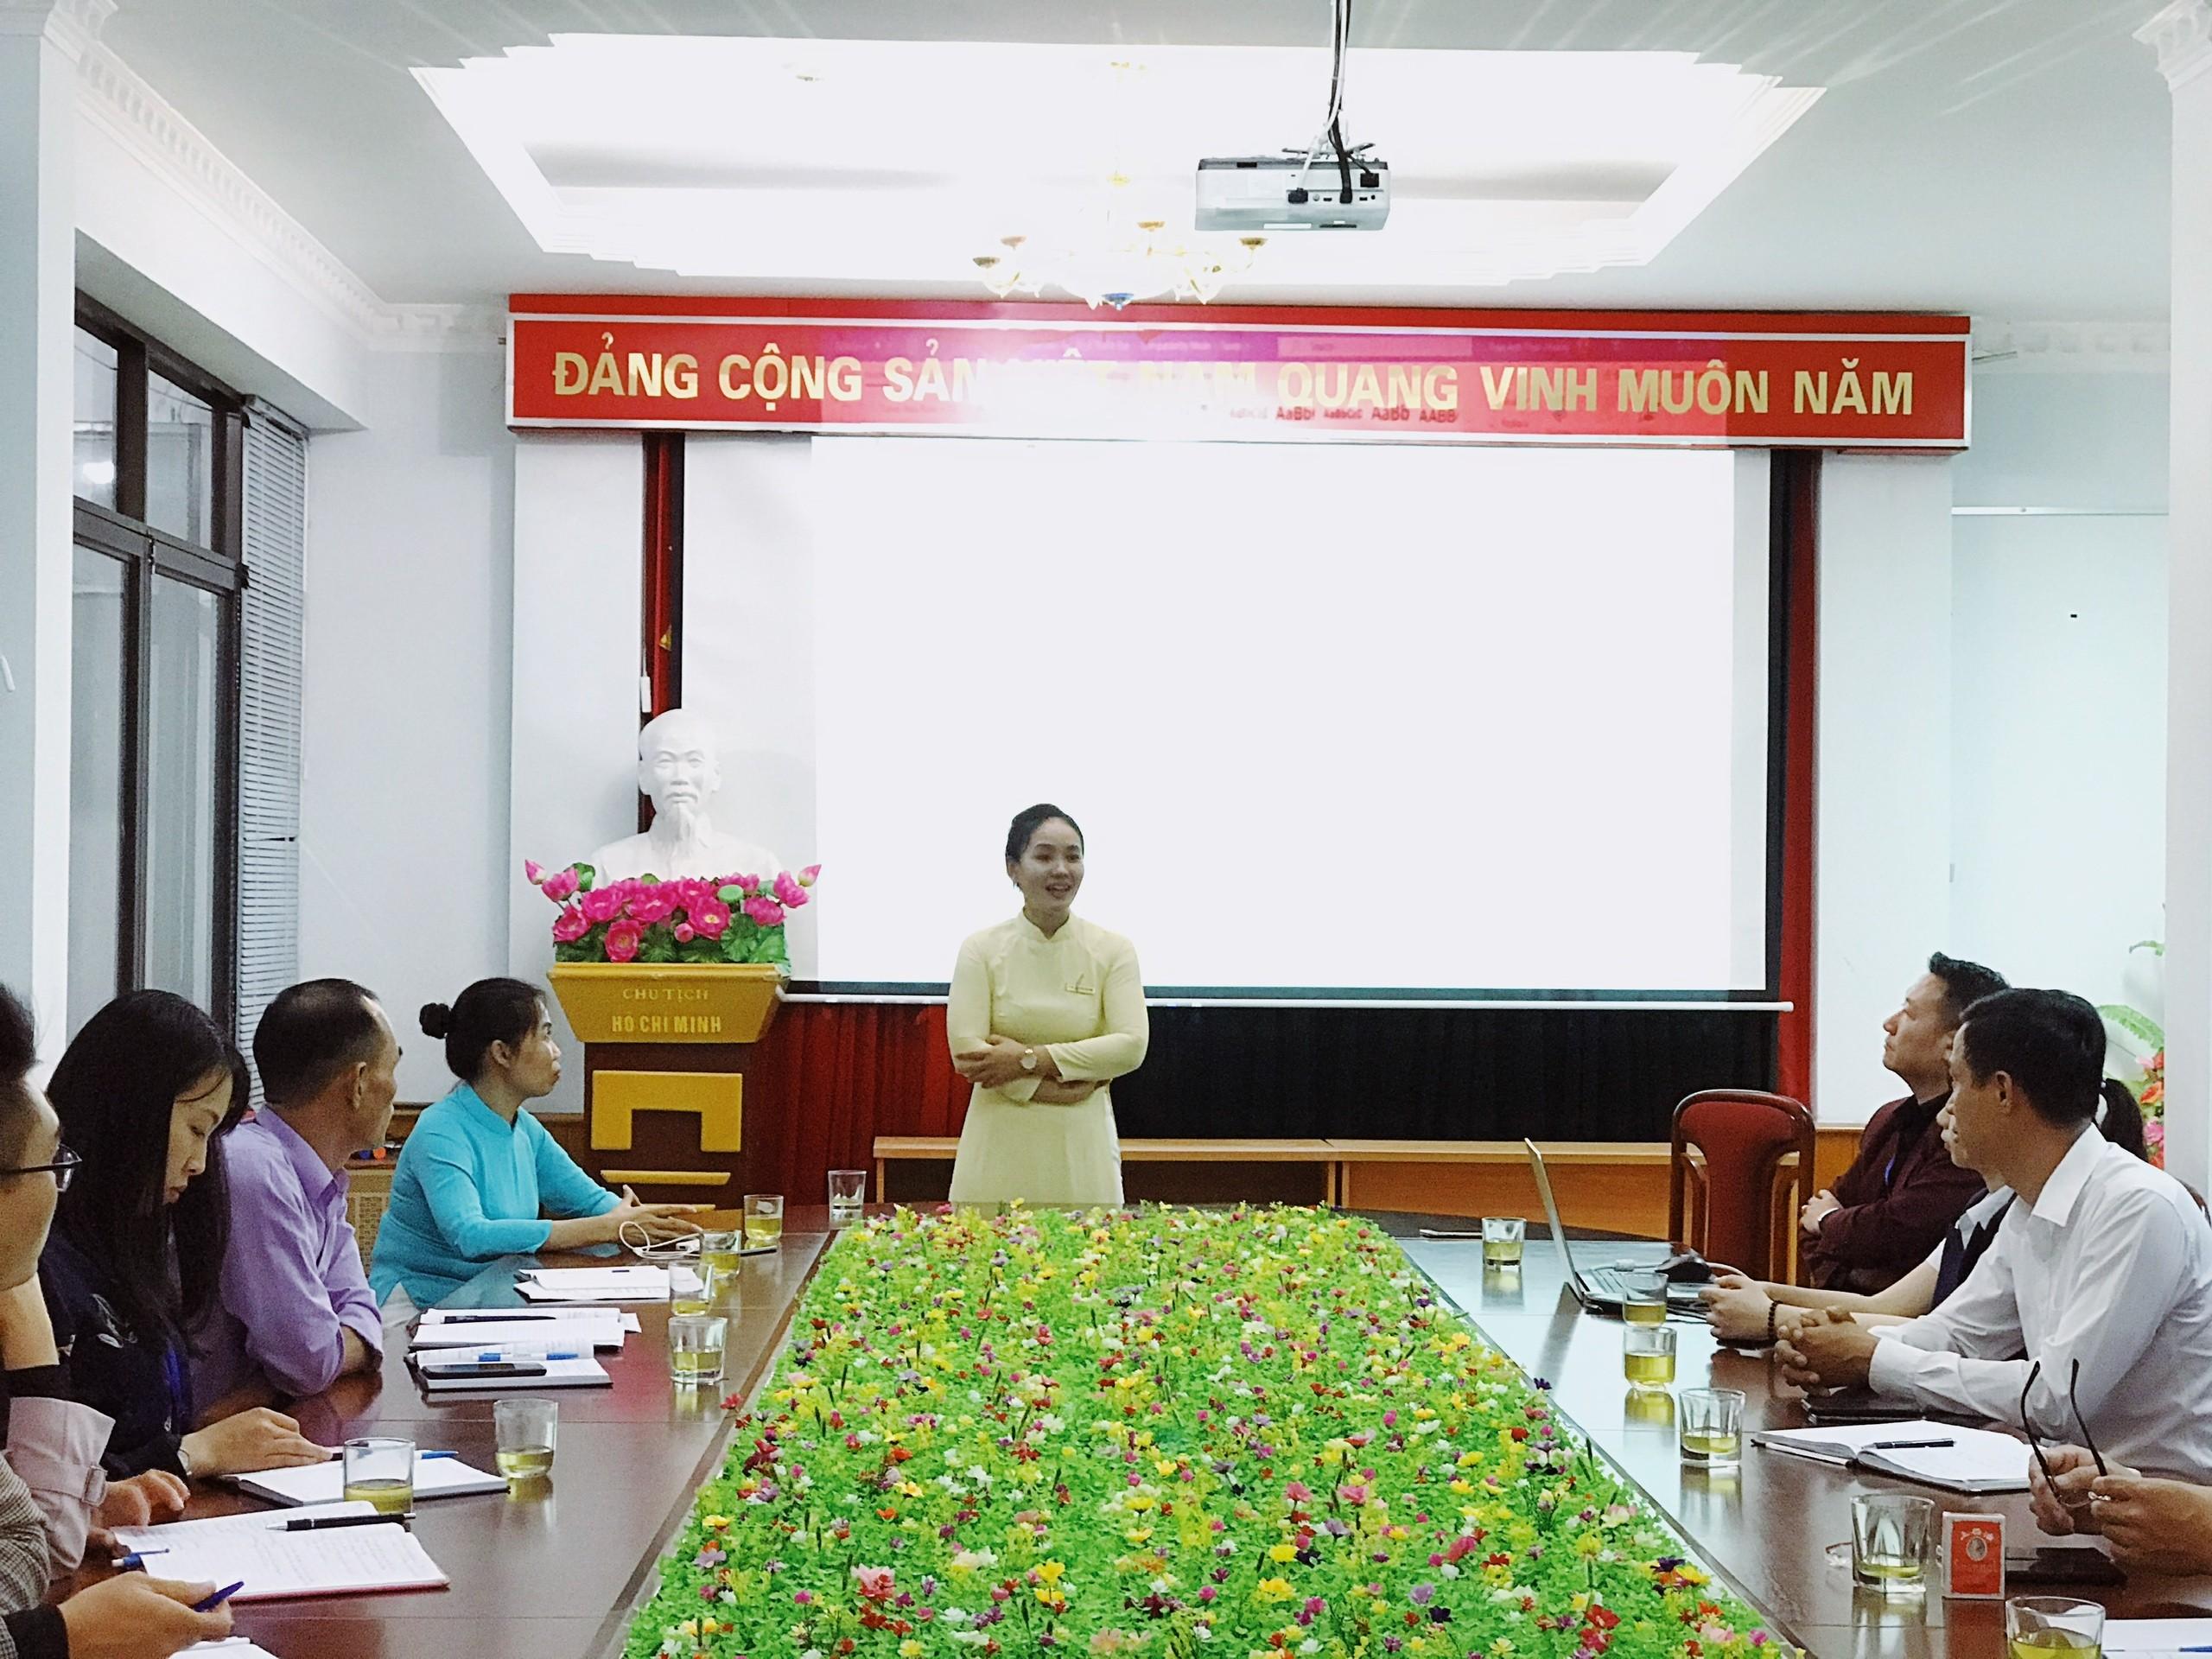 Tập huấn kỹ năng chuyên môn, nghiệp vụ ngành hàng không cho cán bộ Trung tâm Dịch vụ Việc làm và Giáo viên Trường Cao đẳng Nghề tỉnh Lạng Sơn